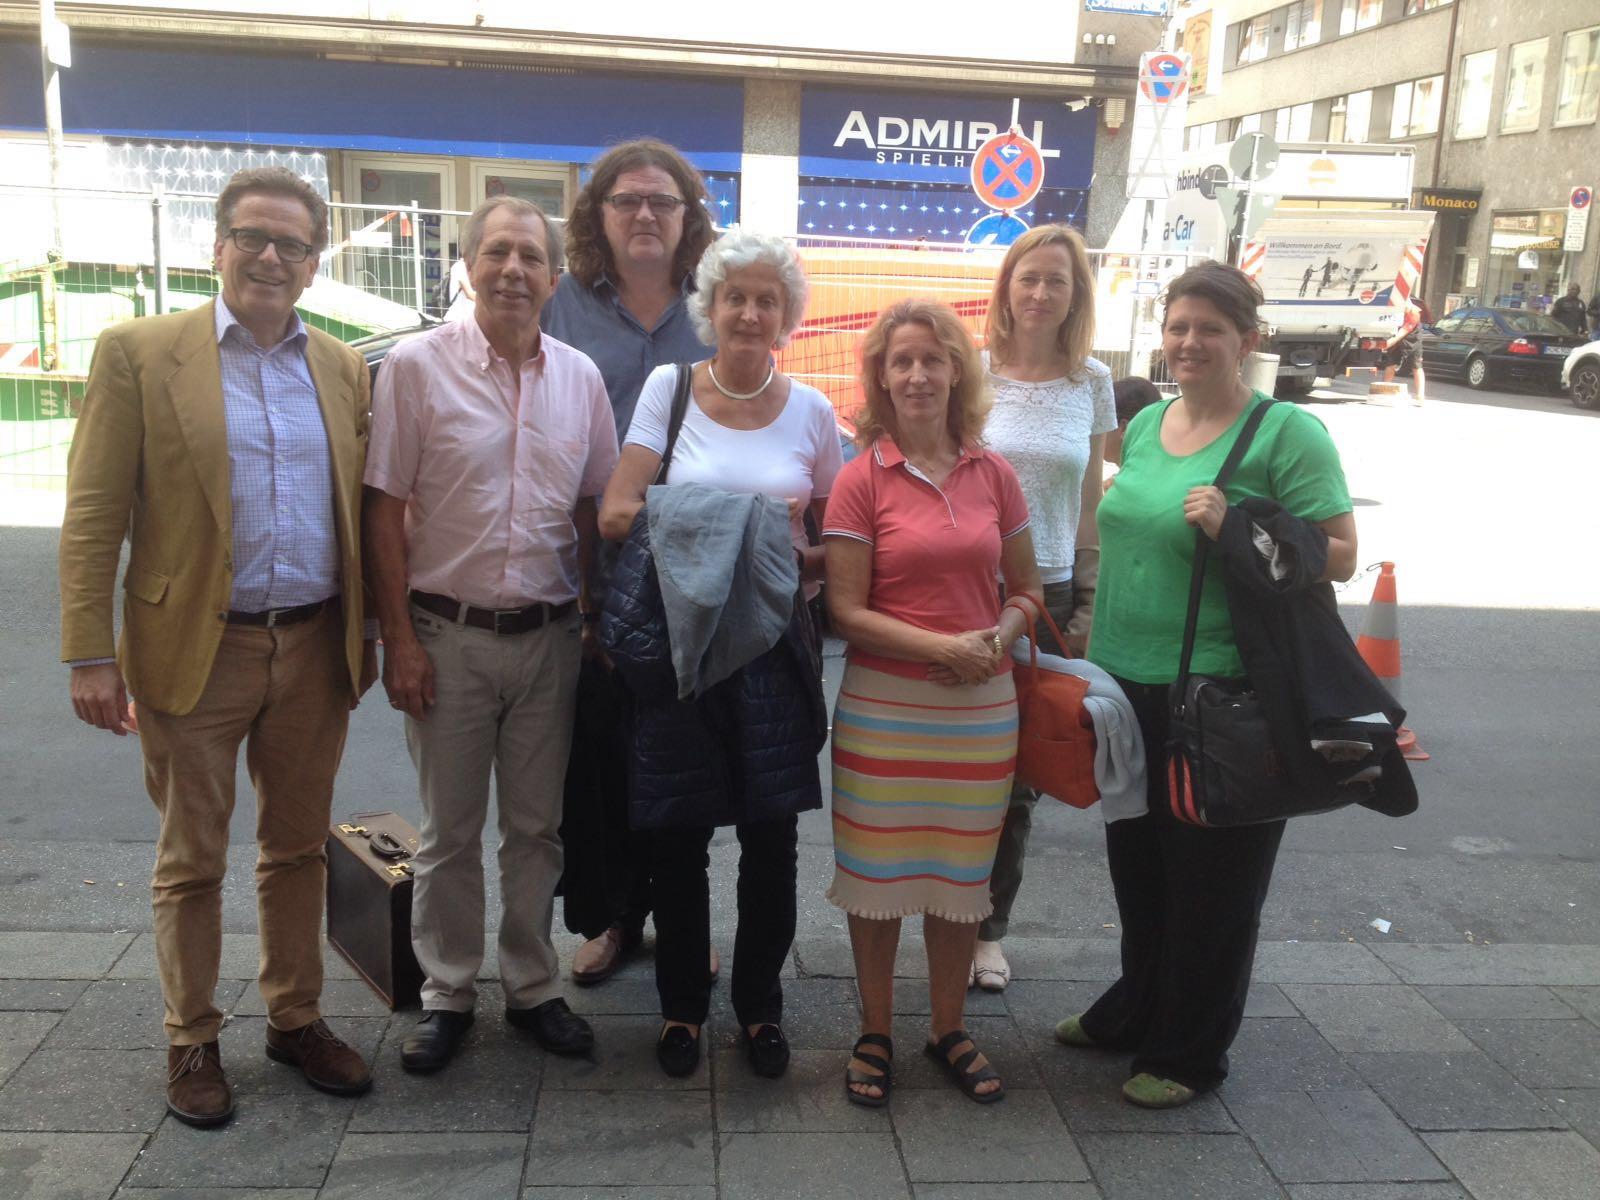 von links nach rechts: Christoph Ferch, Cyriak Schwaighofer, Michael Stenger (der Gründer der SchlaU Schule), Sirikit Reuchlin, Barbara Engländer, Alexandra Michal, Barbara Sieberth